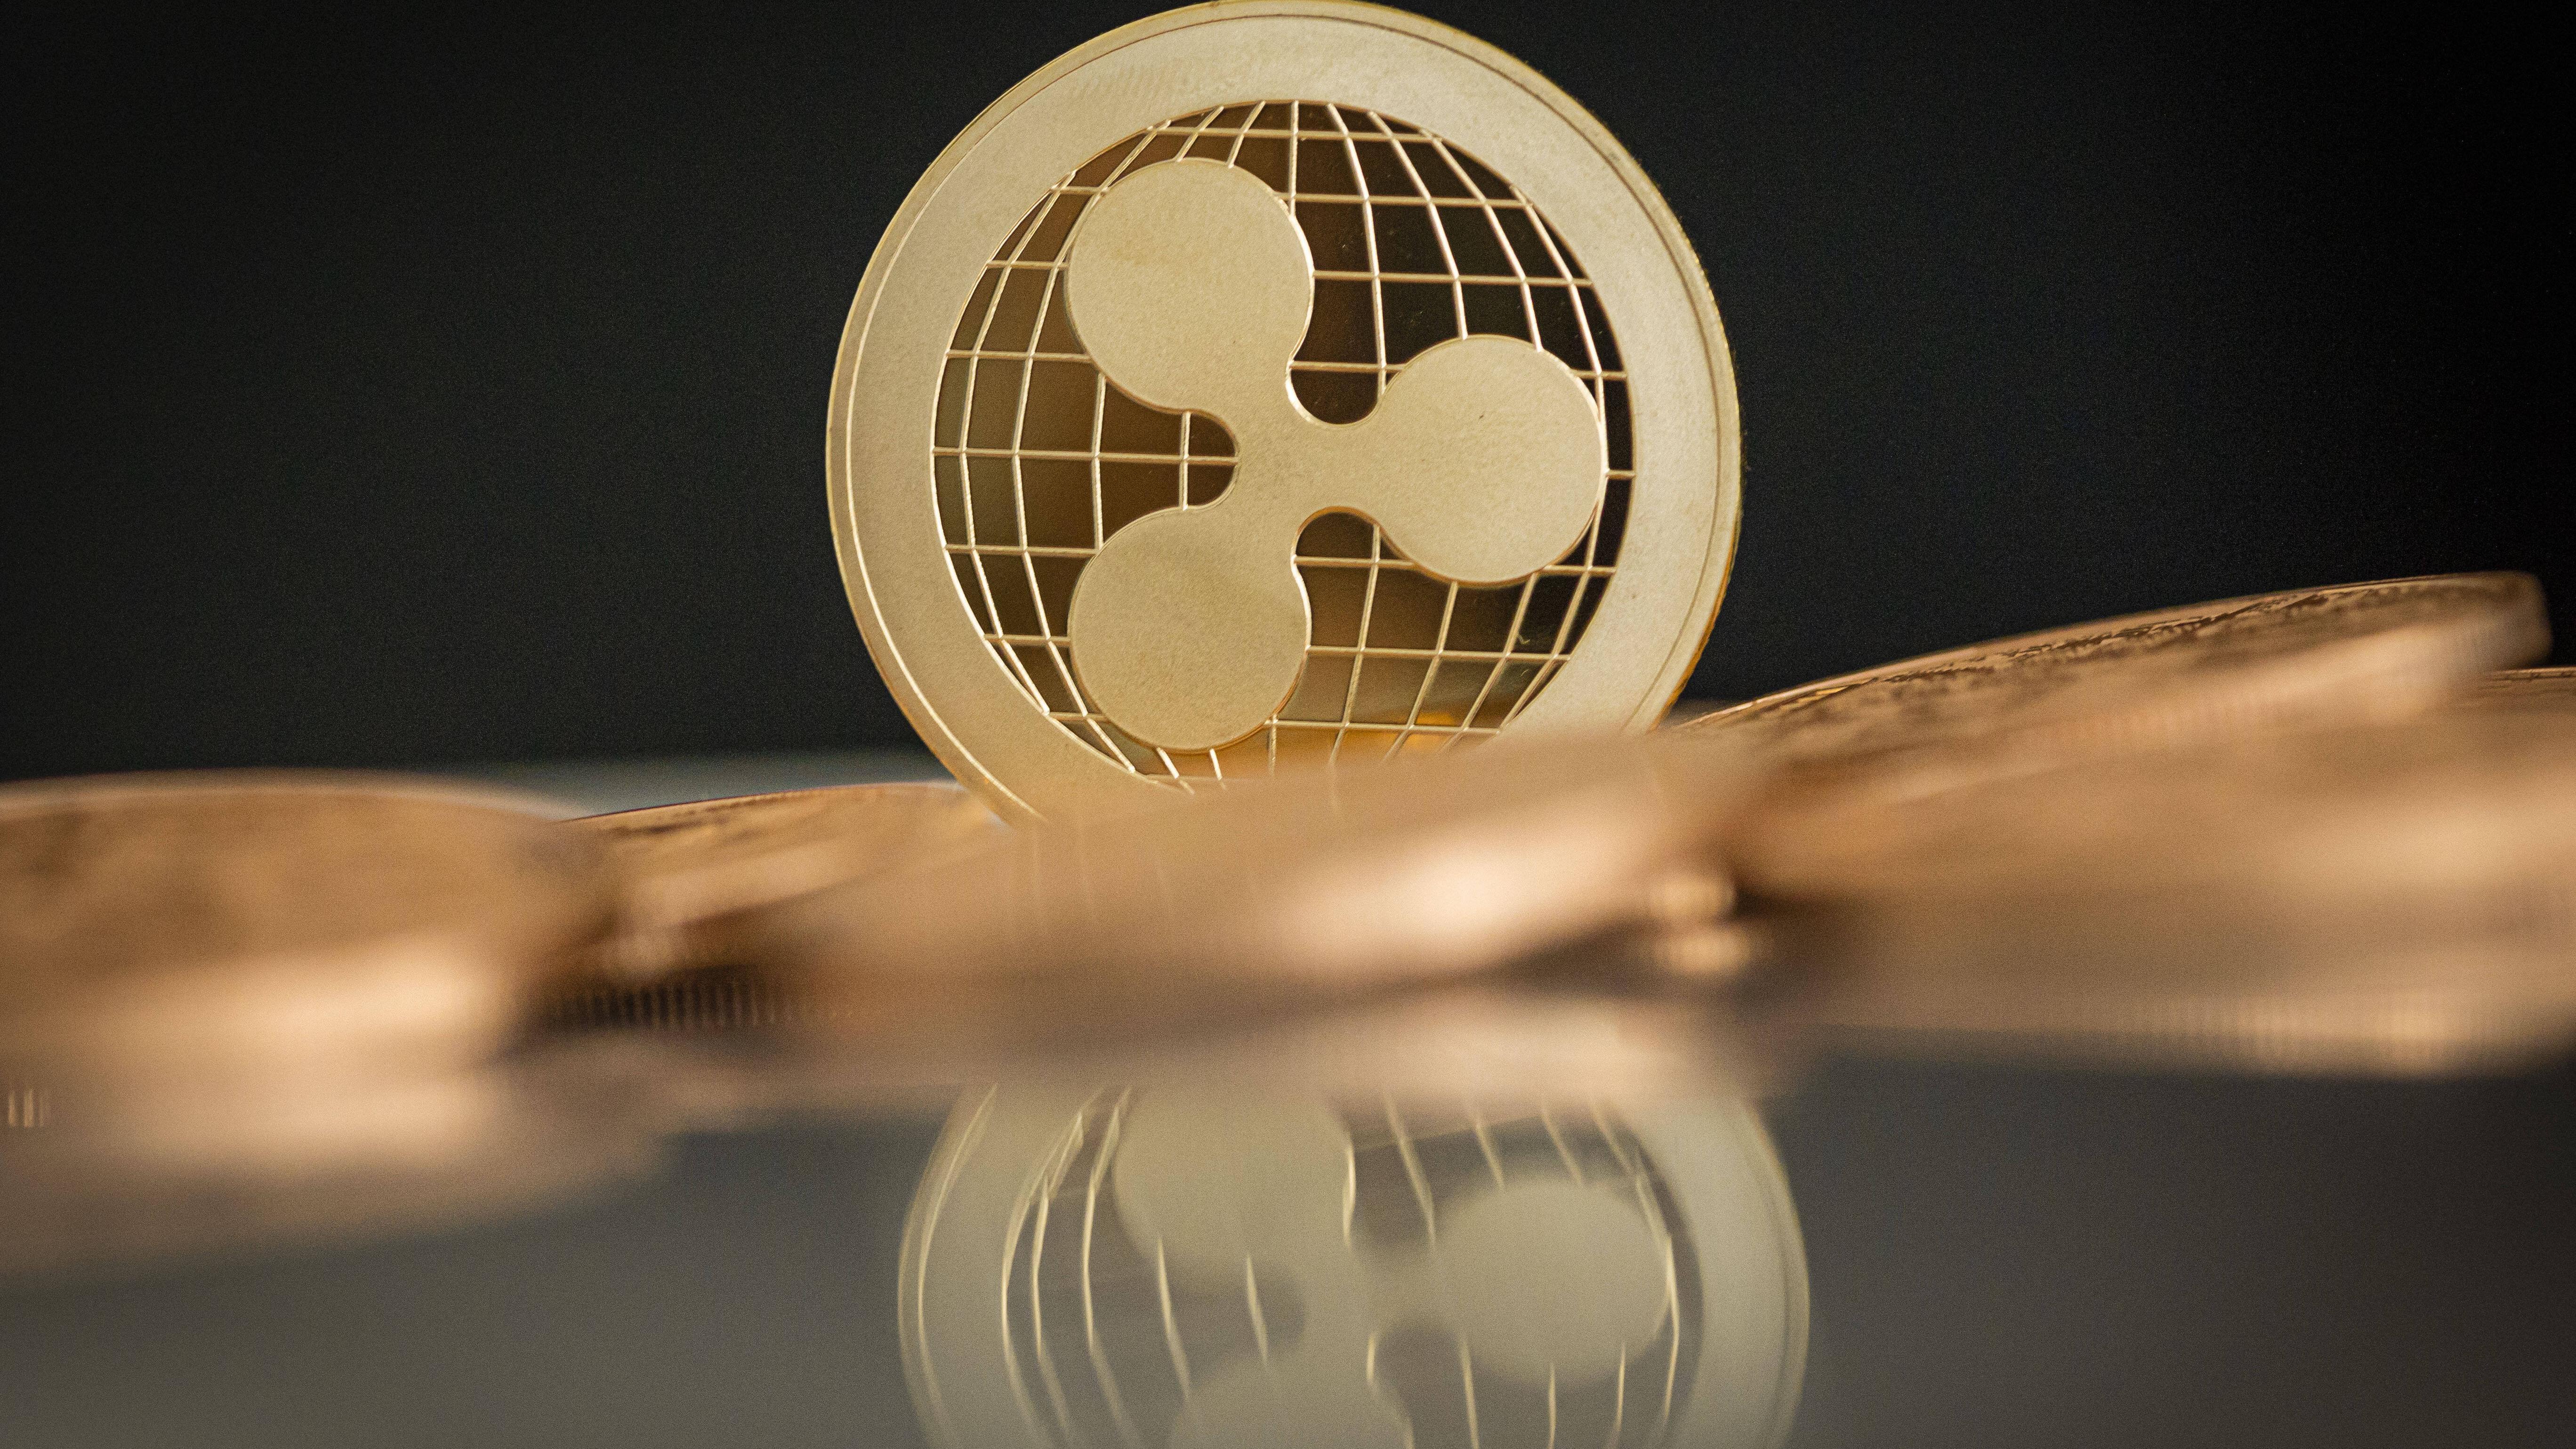 Dash kaufen: Voraussetzung und passende Krypto-Broker